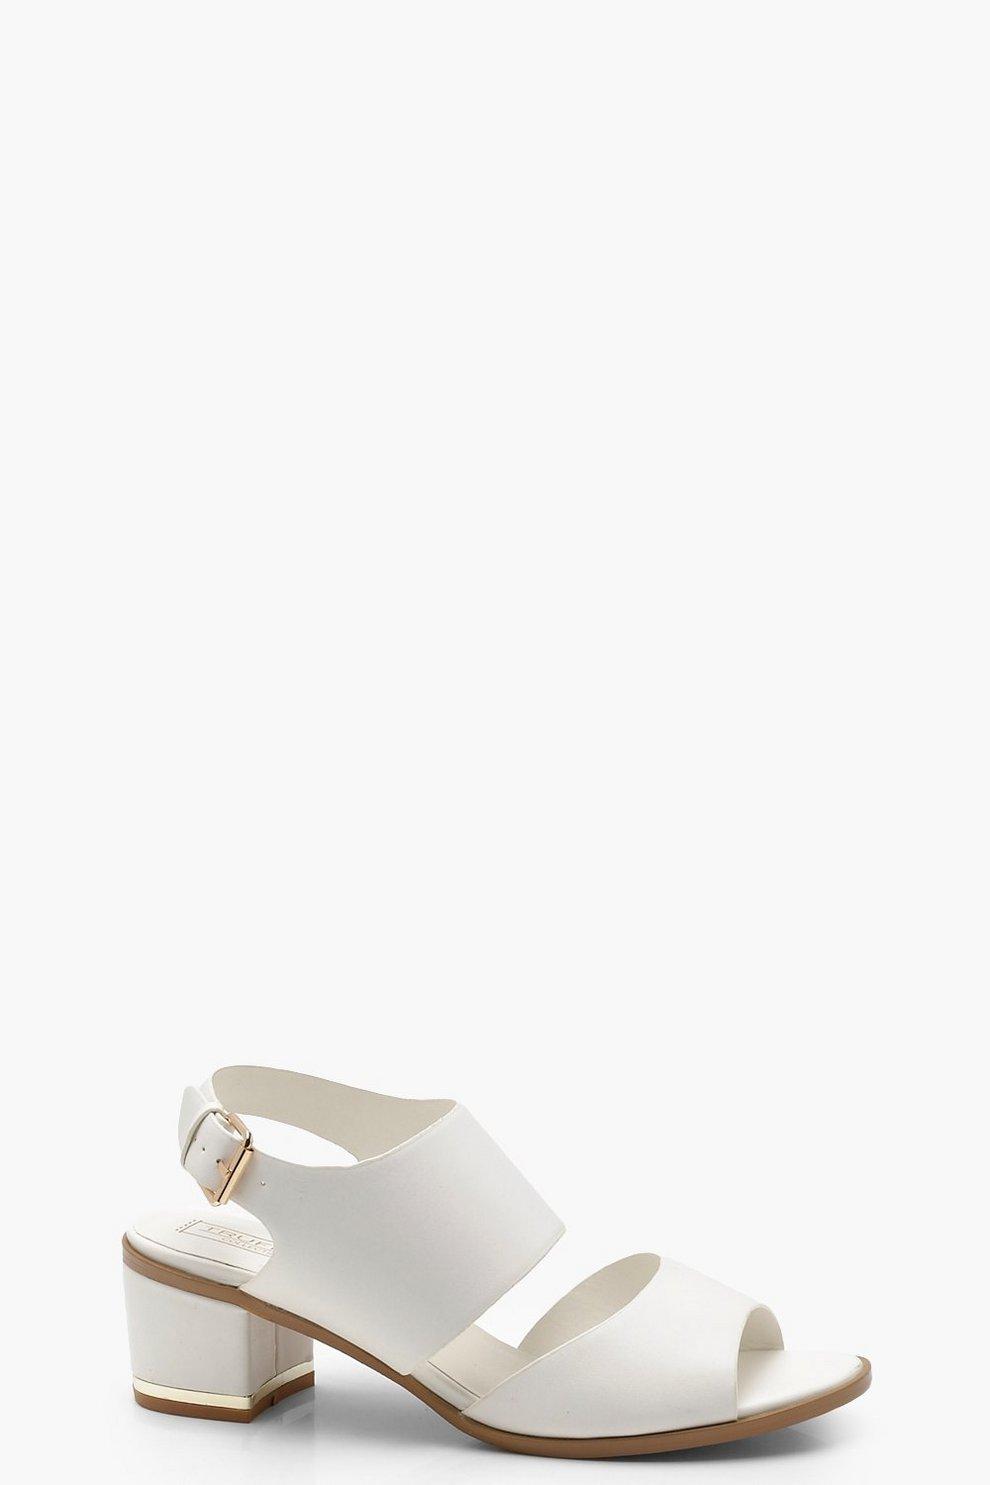 Harriet Peeptoe Block Heel Sandals 5MxYU